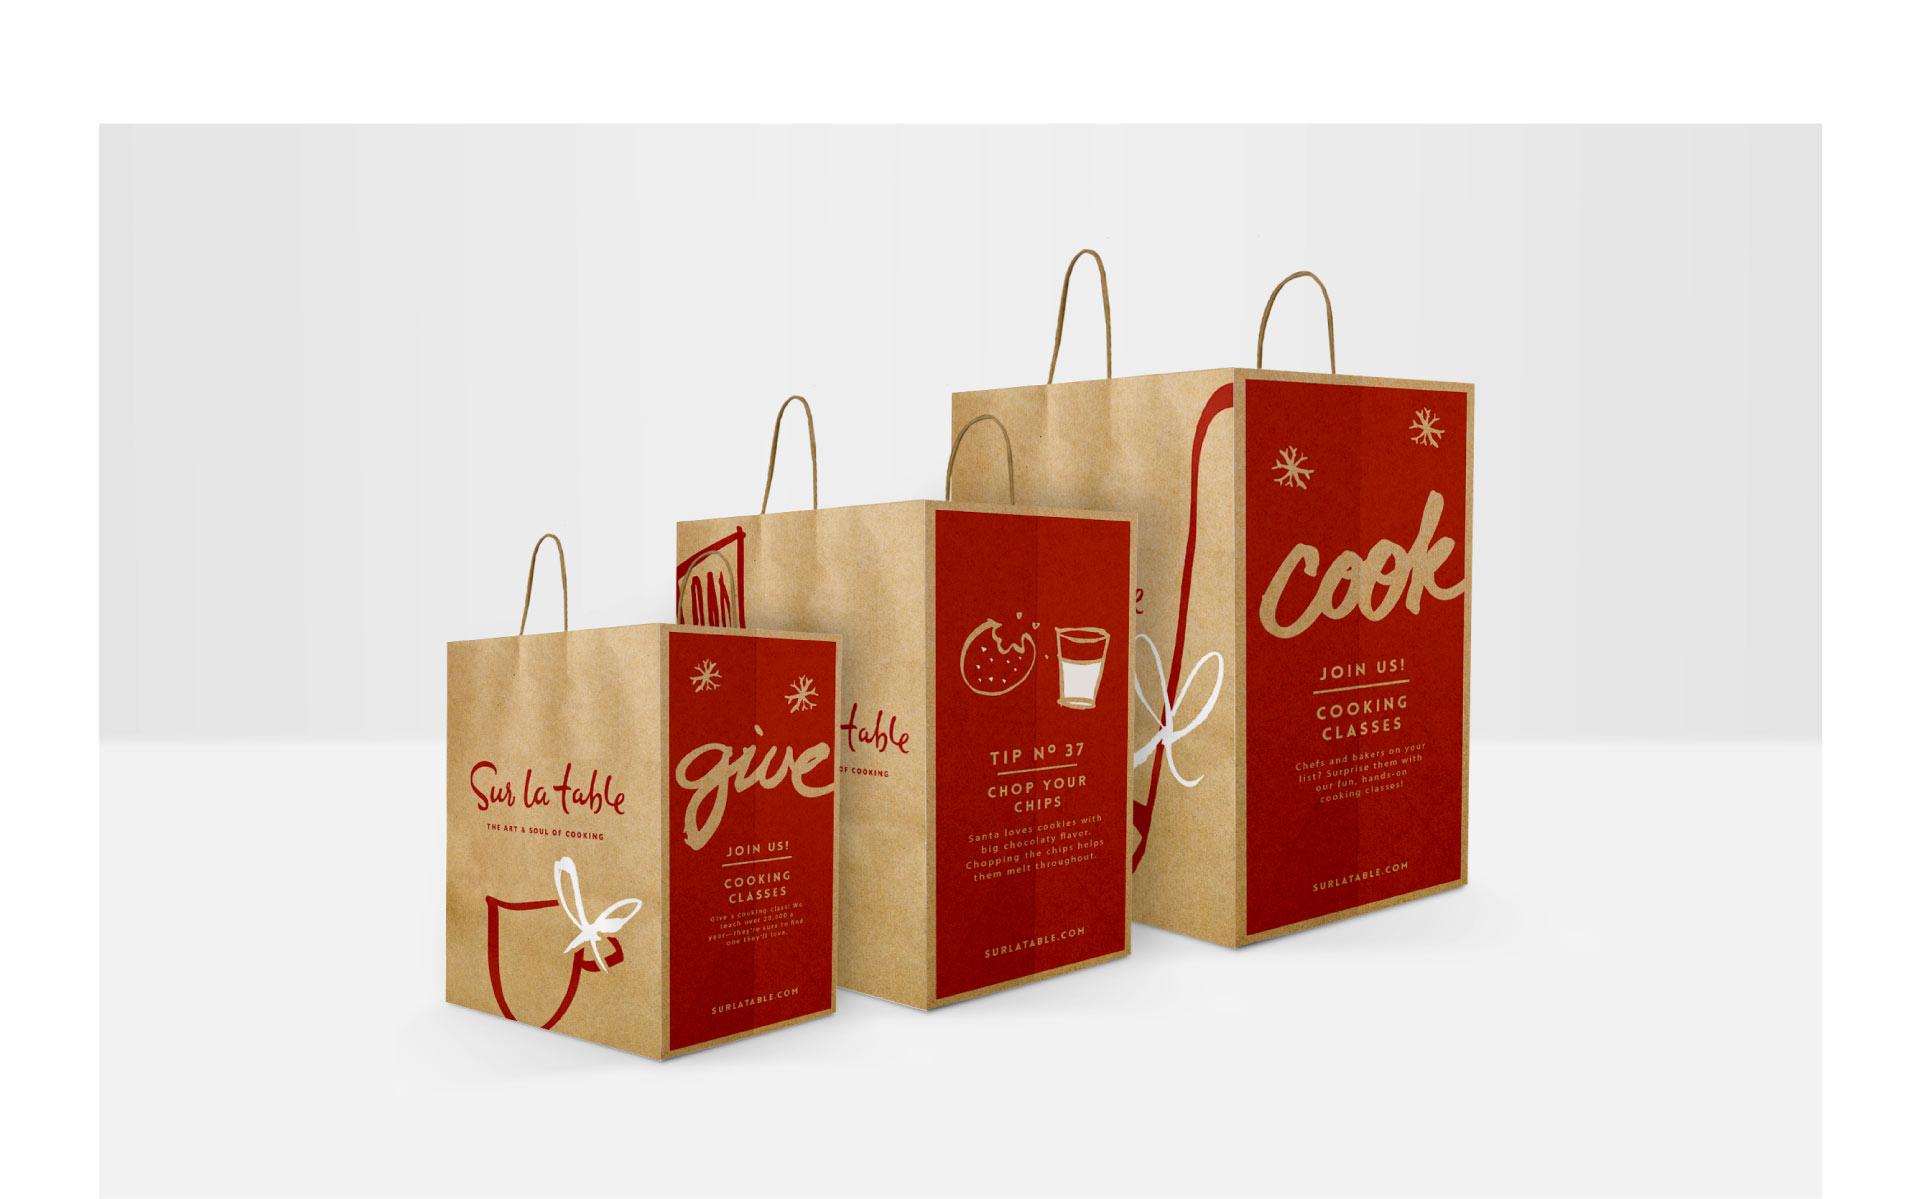 Creative_Retail_Packaging_Branding_Design_Sur_La_Table_19.jpg